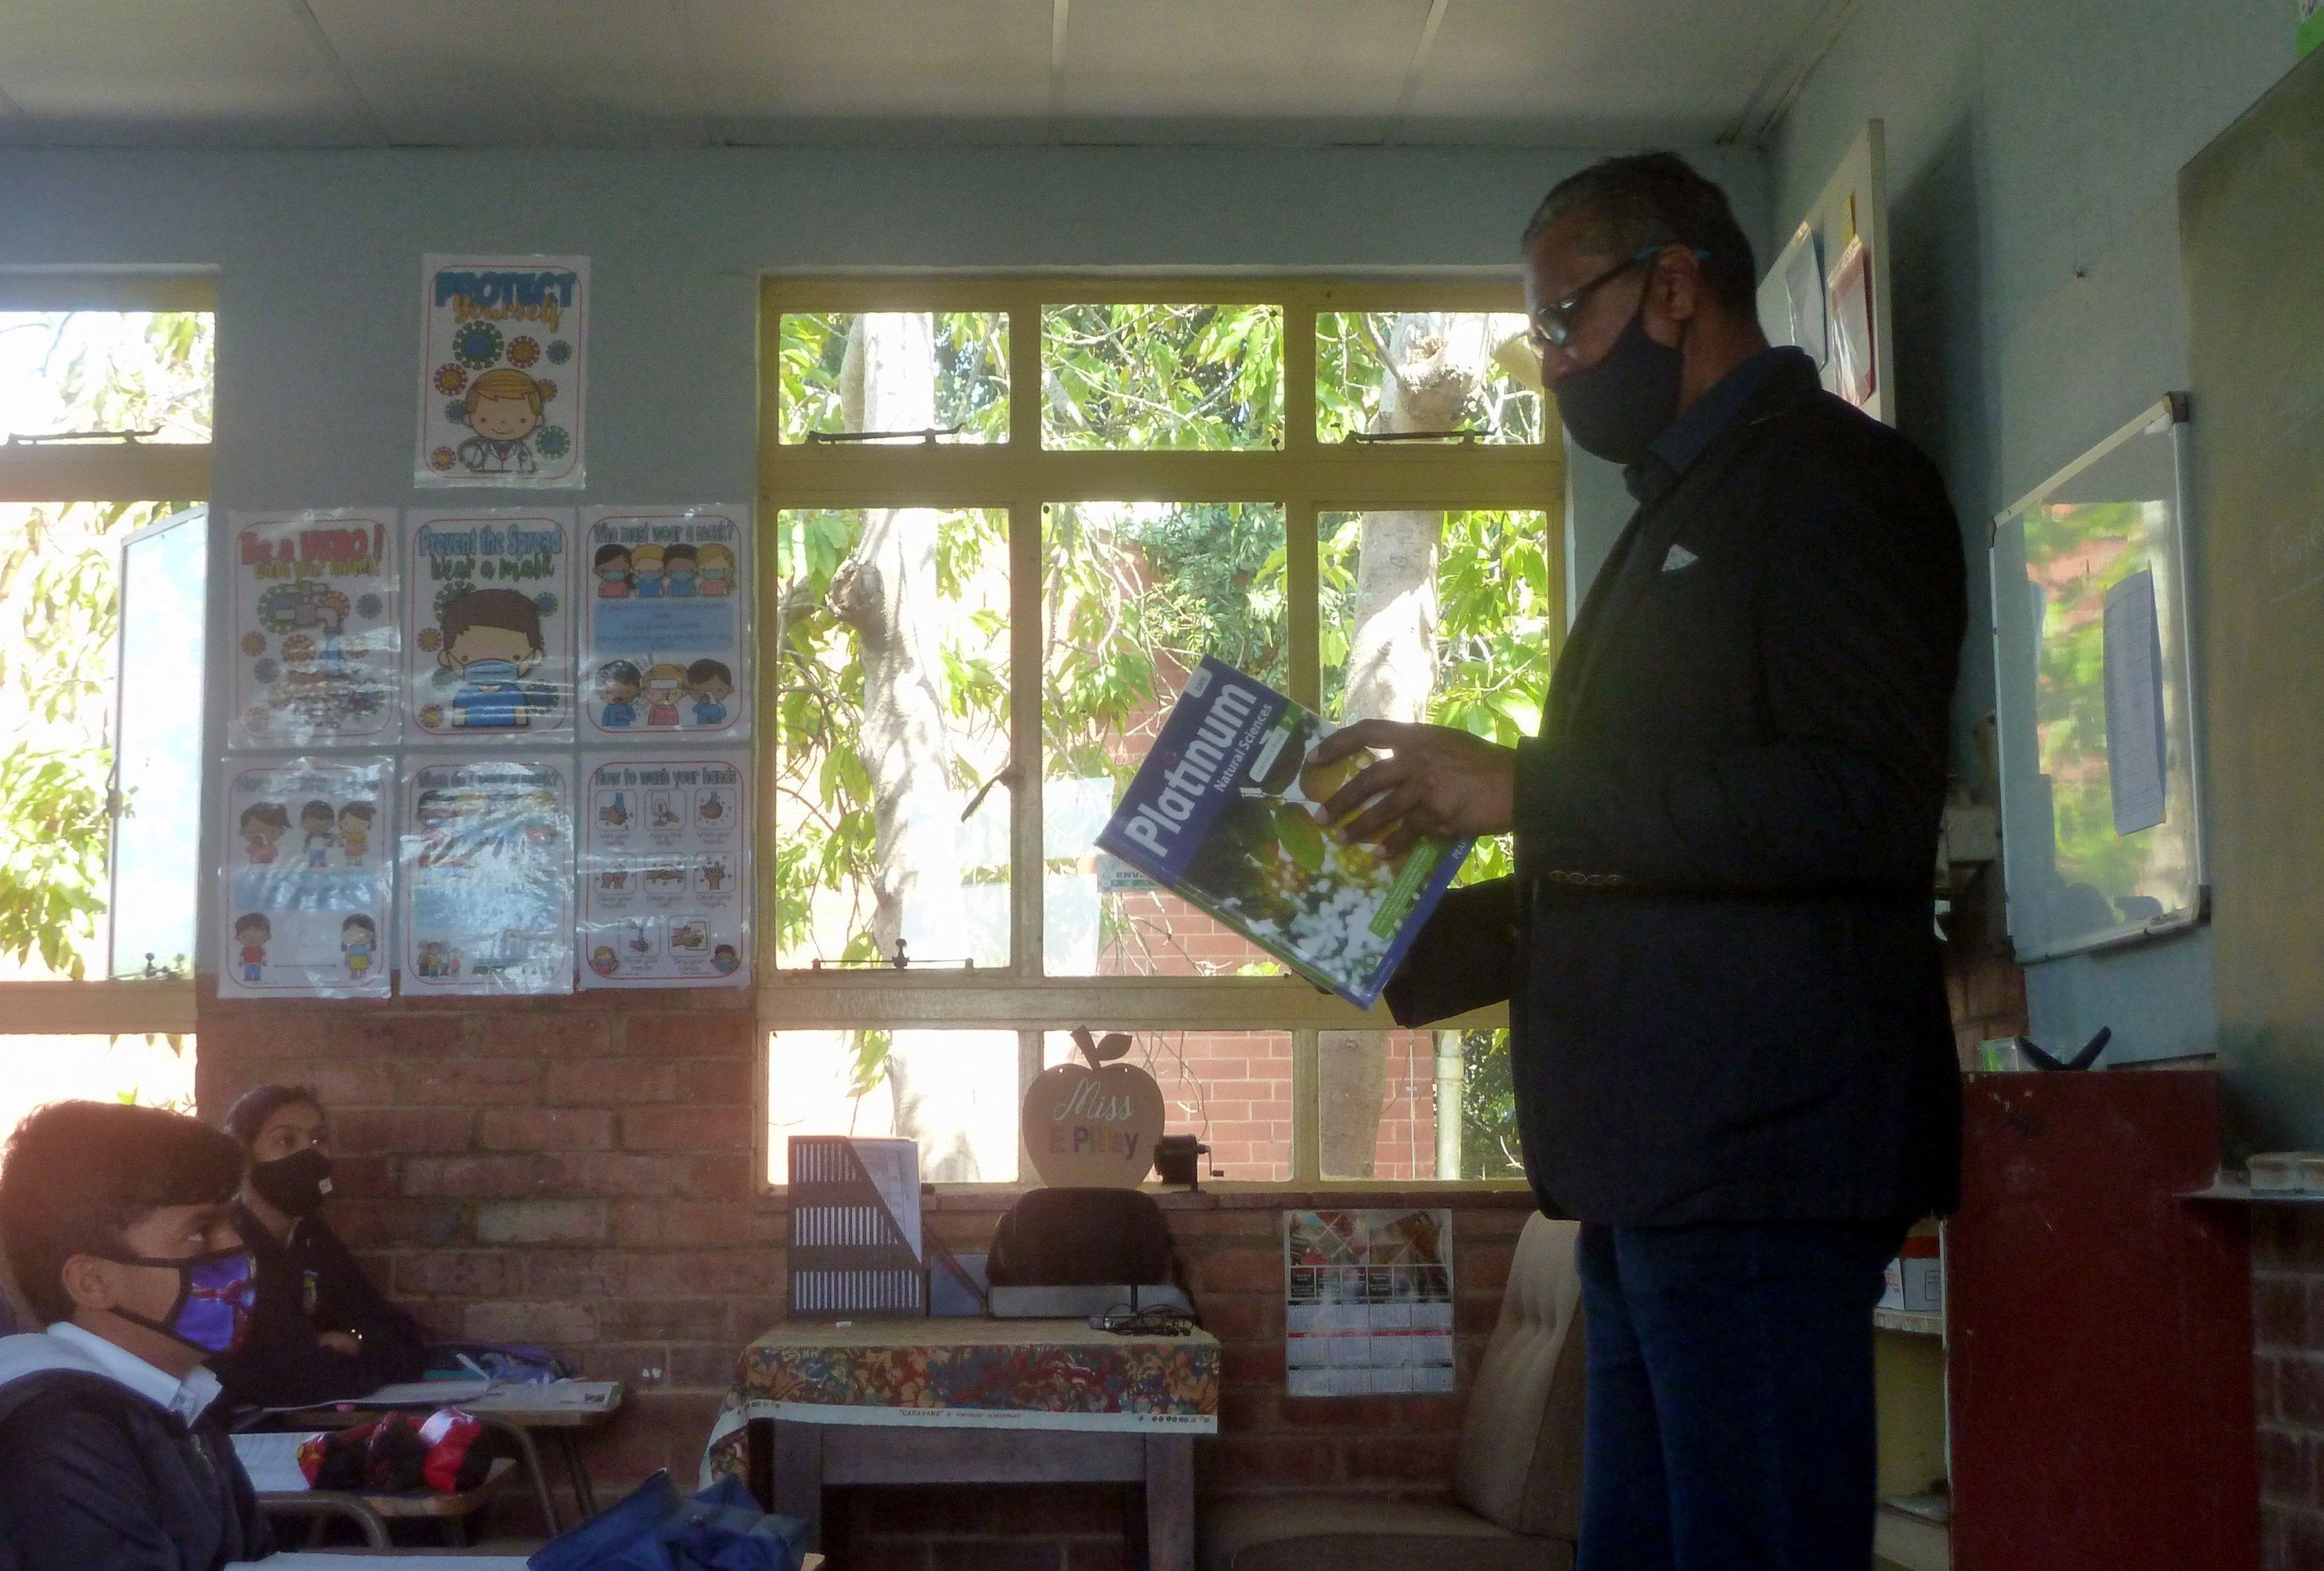 Der Lehrer steht mit einem Buch vor seiner Klasse, die Schüler schauen ihn an, an der Wand hängen Corona-Aufklärungsposter